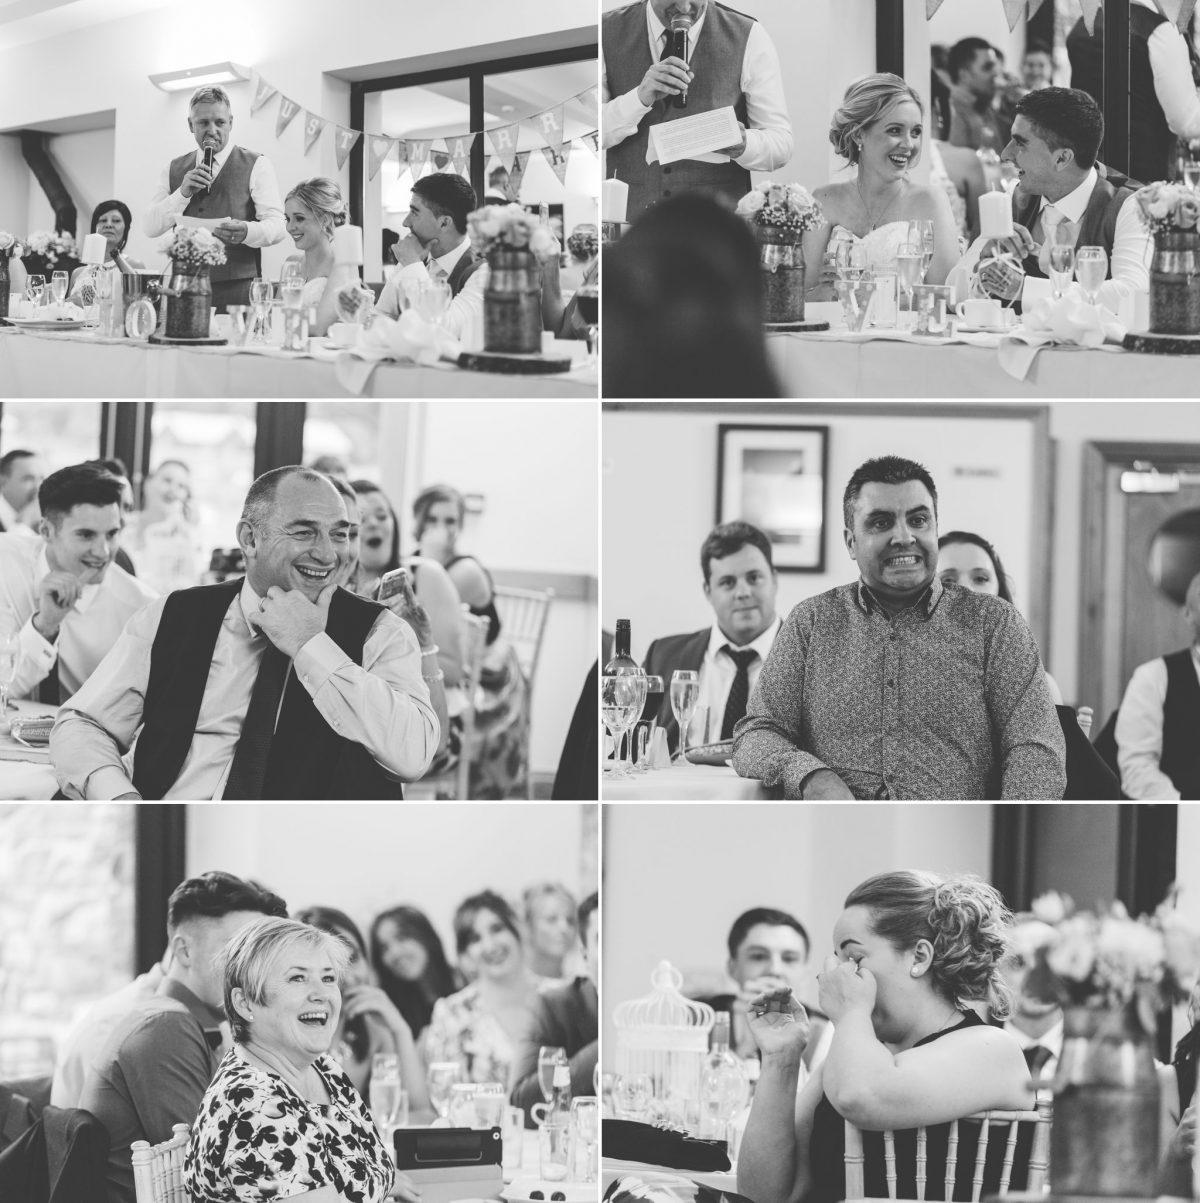 welsh_wedding_photographer_rachel_lambert_photography_canada_lake_lodge_michaela_haydn_ 87